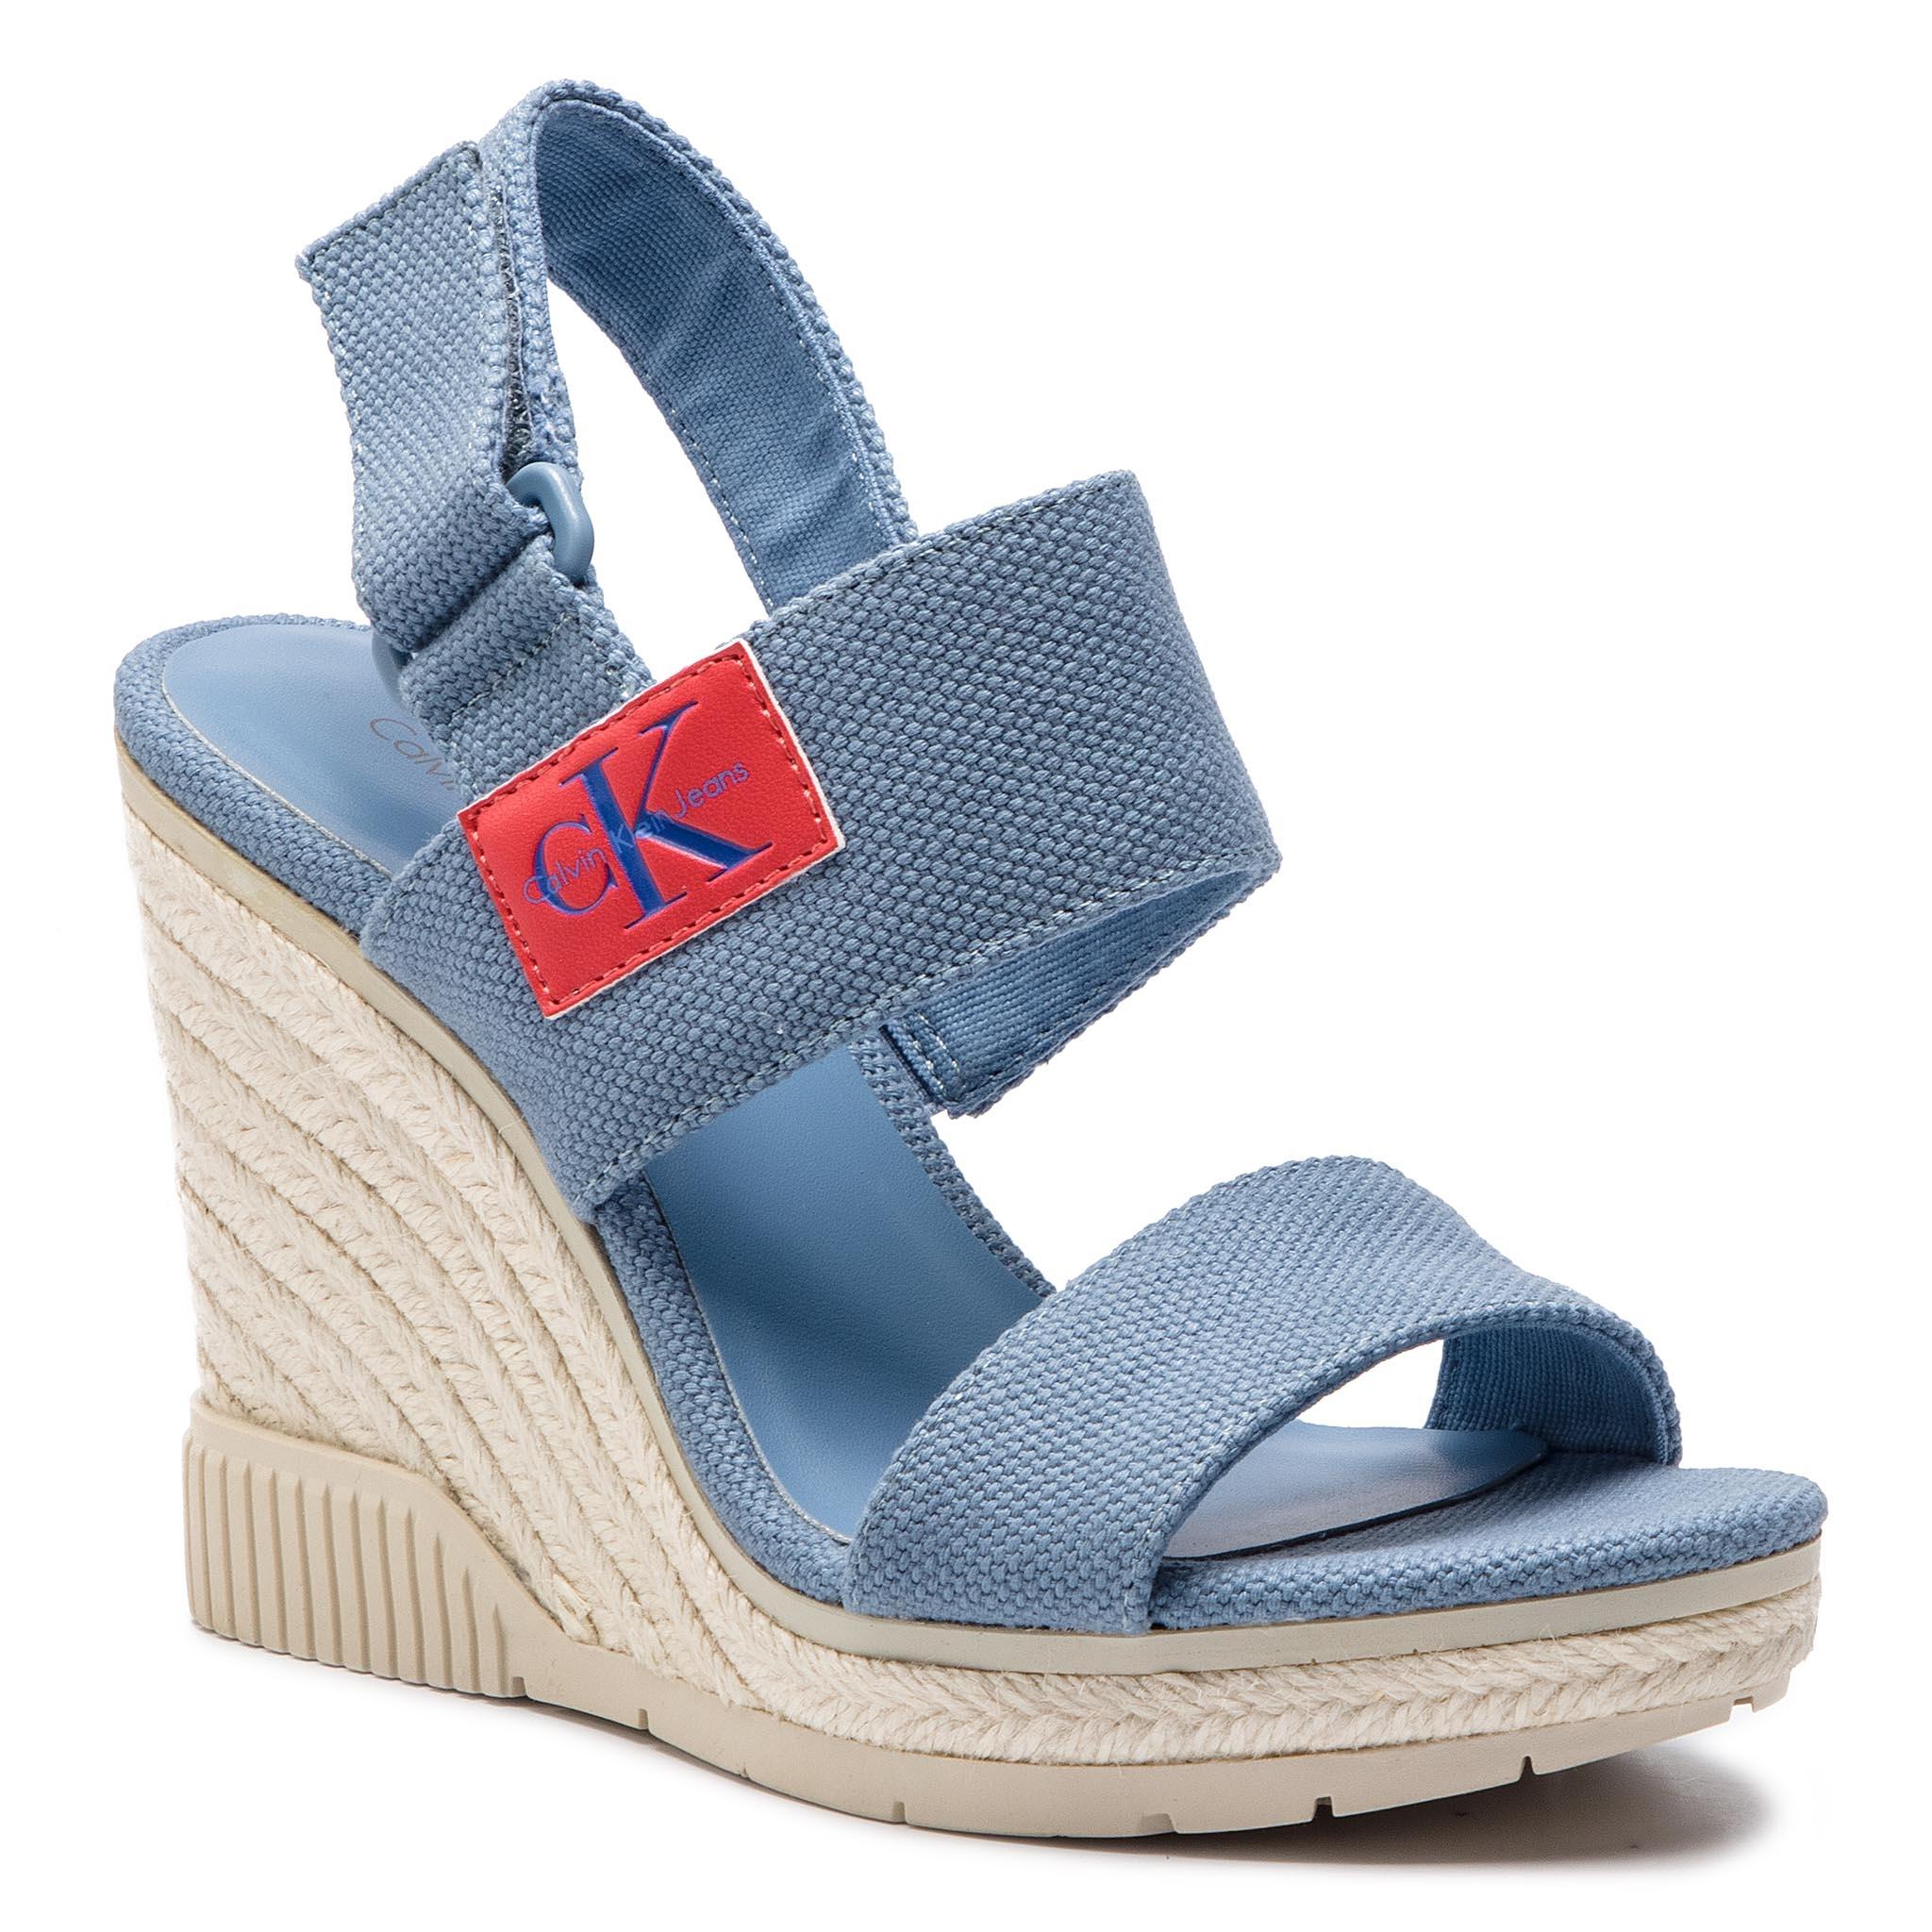 db06807974a Sandals CALVIN KLEIN - Yelena N11400 Soft White - Casual sandals ...